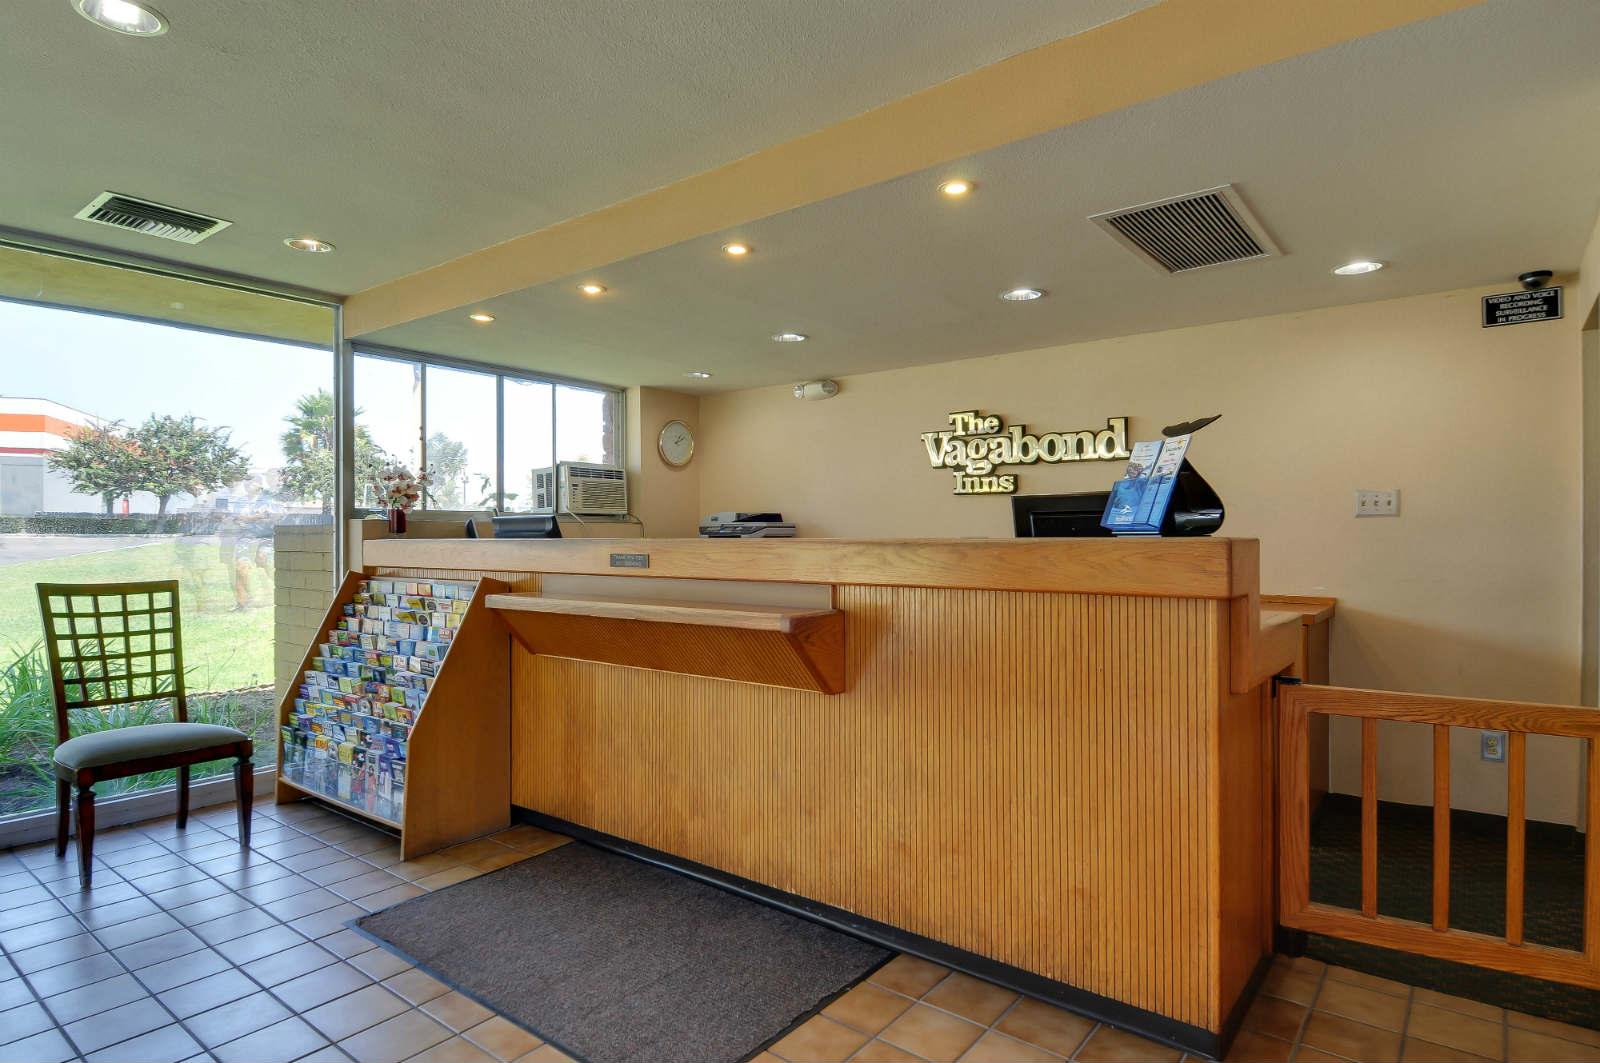 Vagabond Inn - Chula Vista